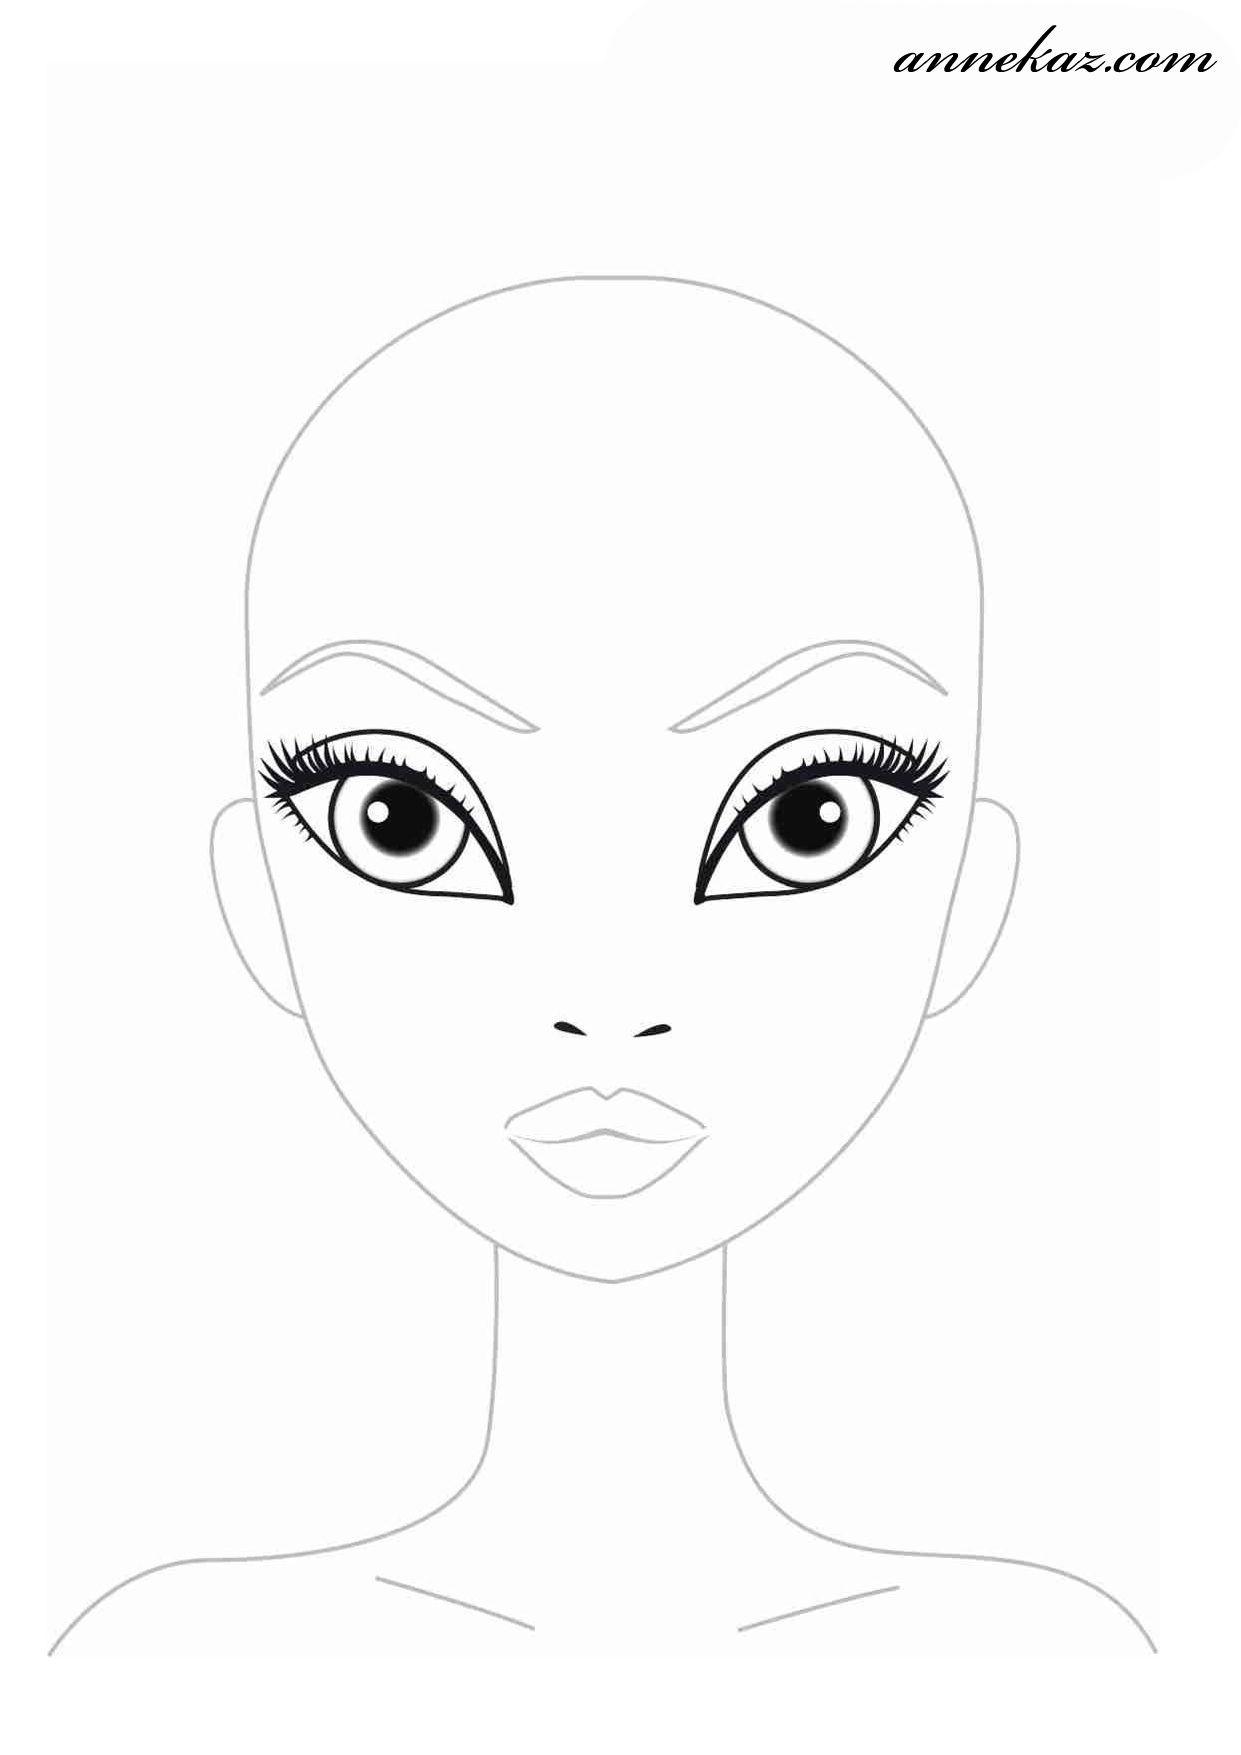 Top 20 topmodel Ausmalbilder Gesicht - Beste Wohnkultur, Bastelideen, Coloring und Frisur